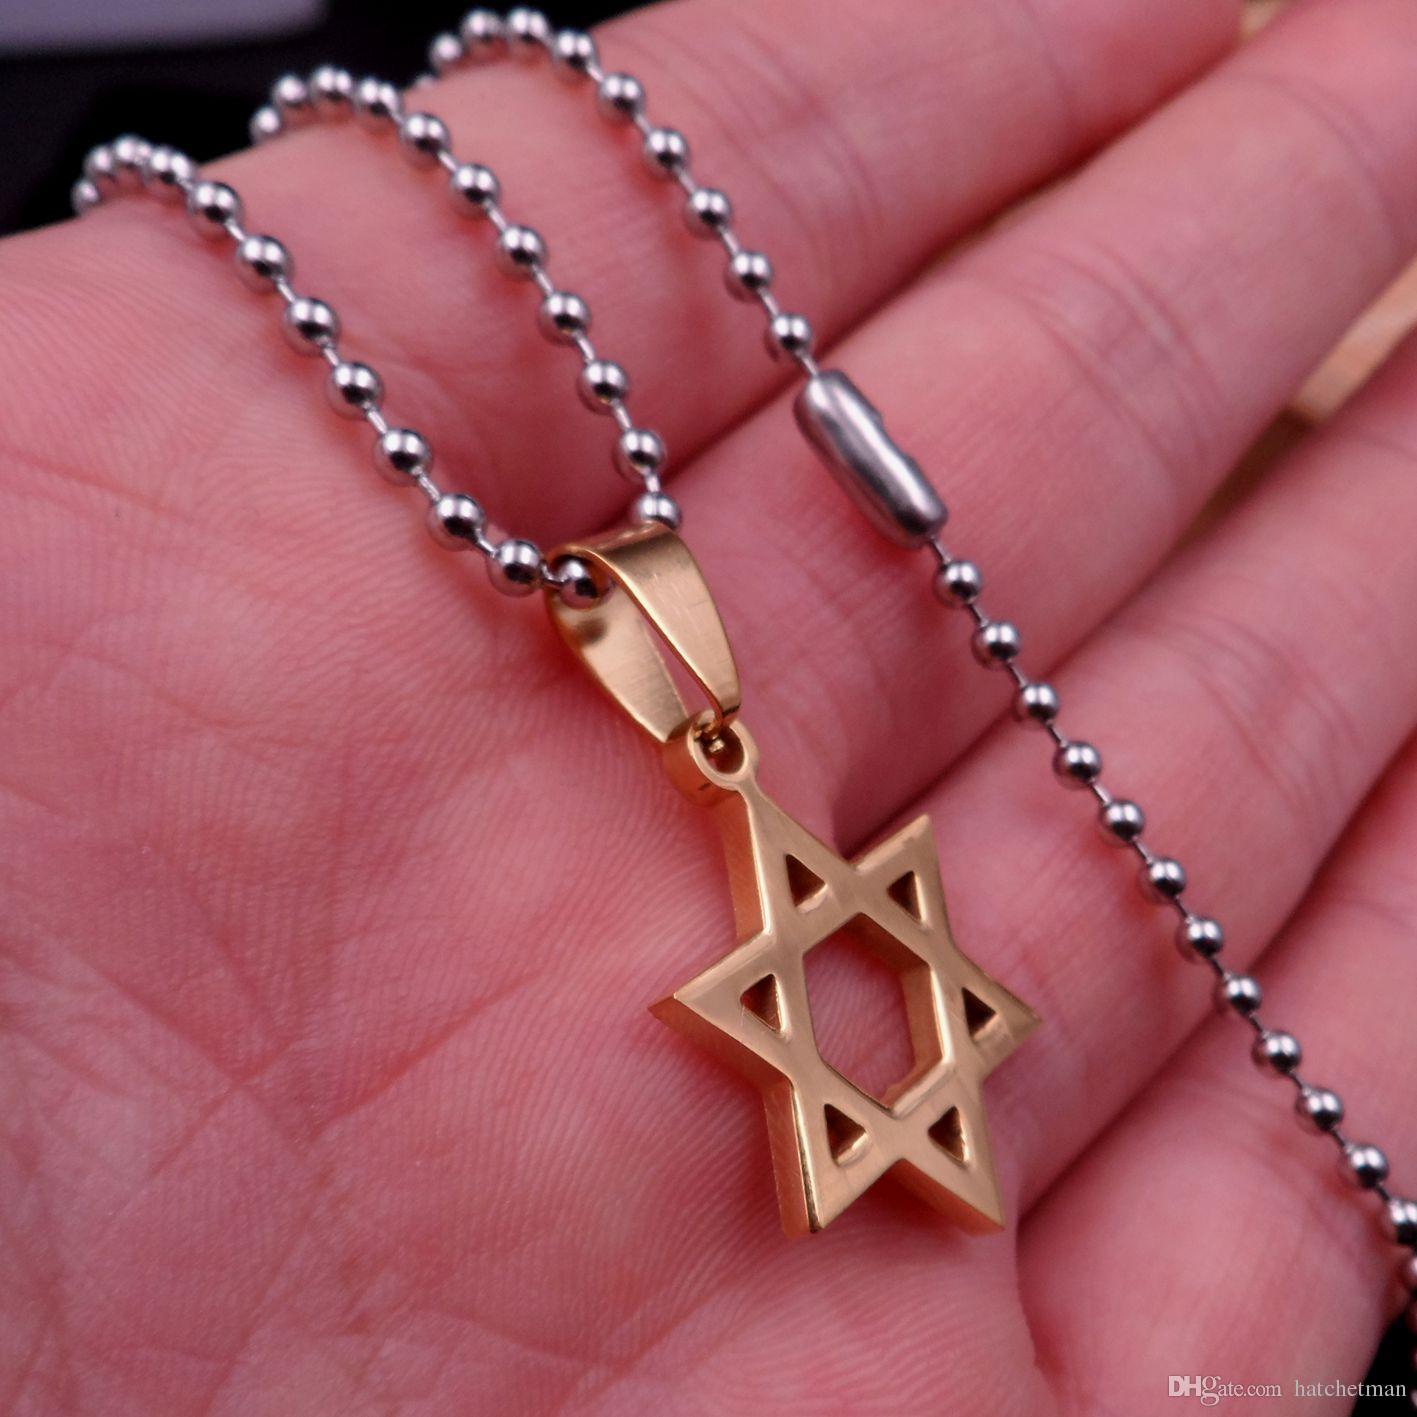 Golden Star von David Anhängern, Edelstahl-Schmuck klassische Design + 24inch Kugel Halskette Charme